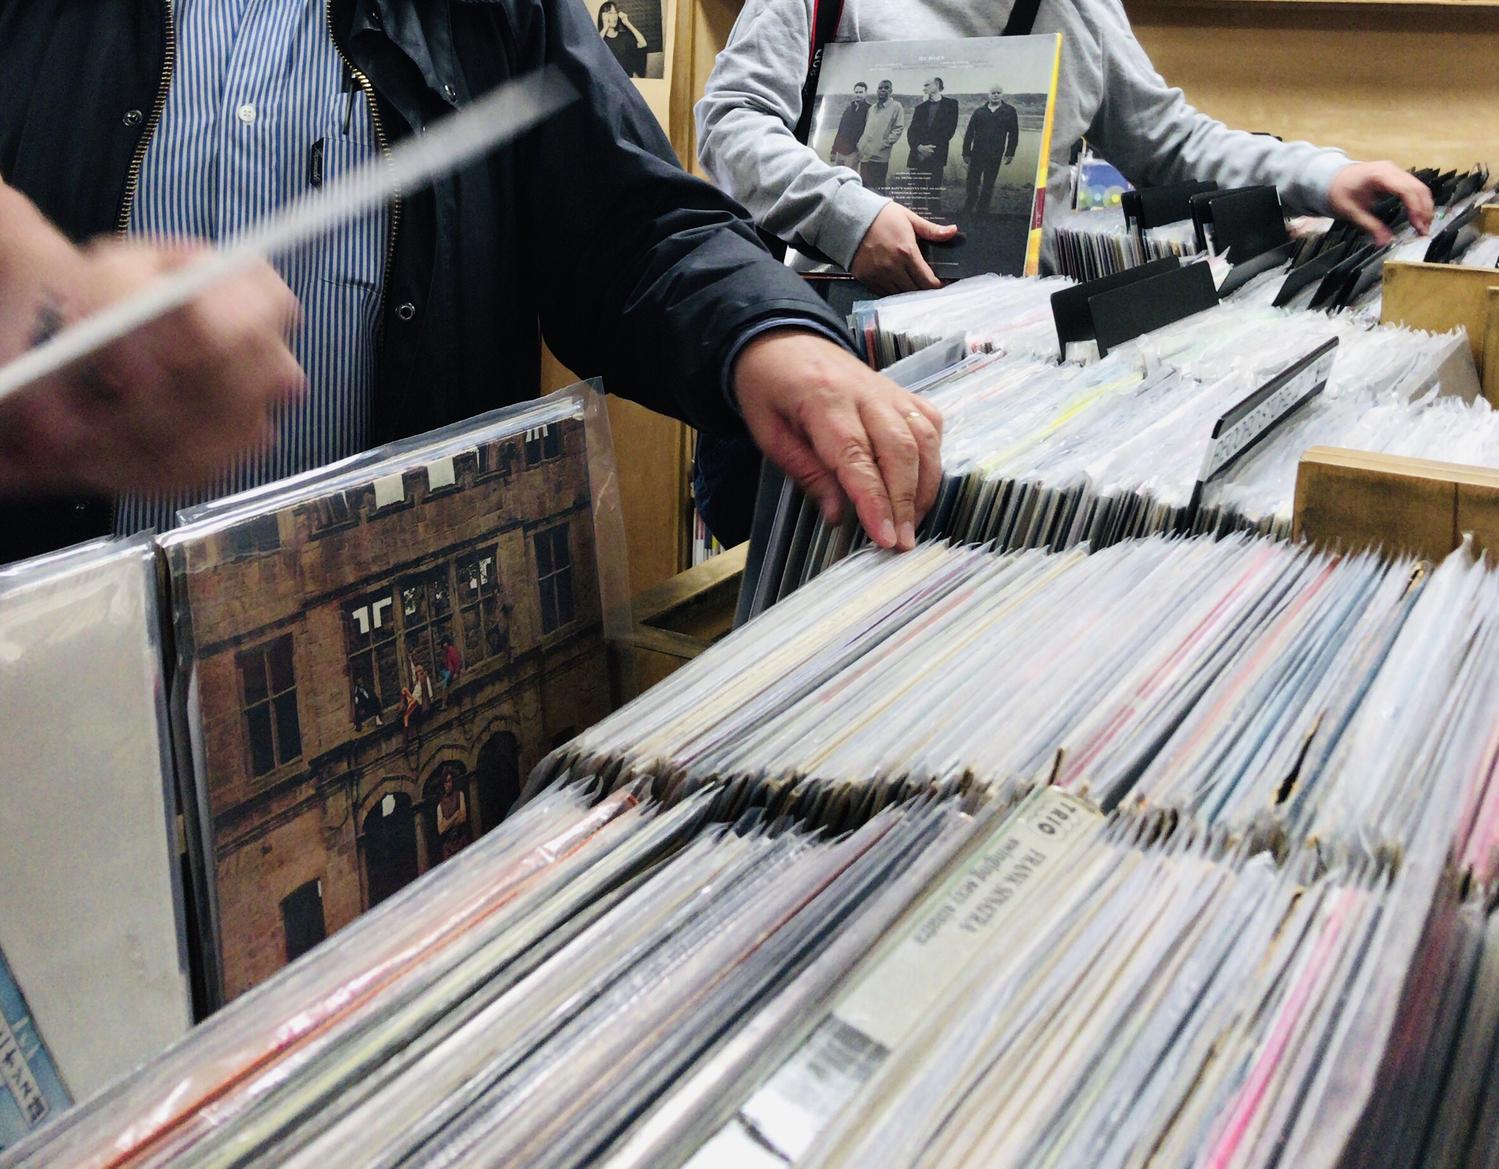 レコードショップでレコードを買おう